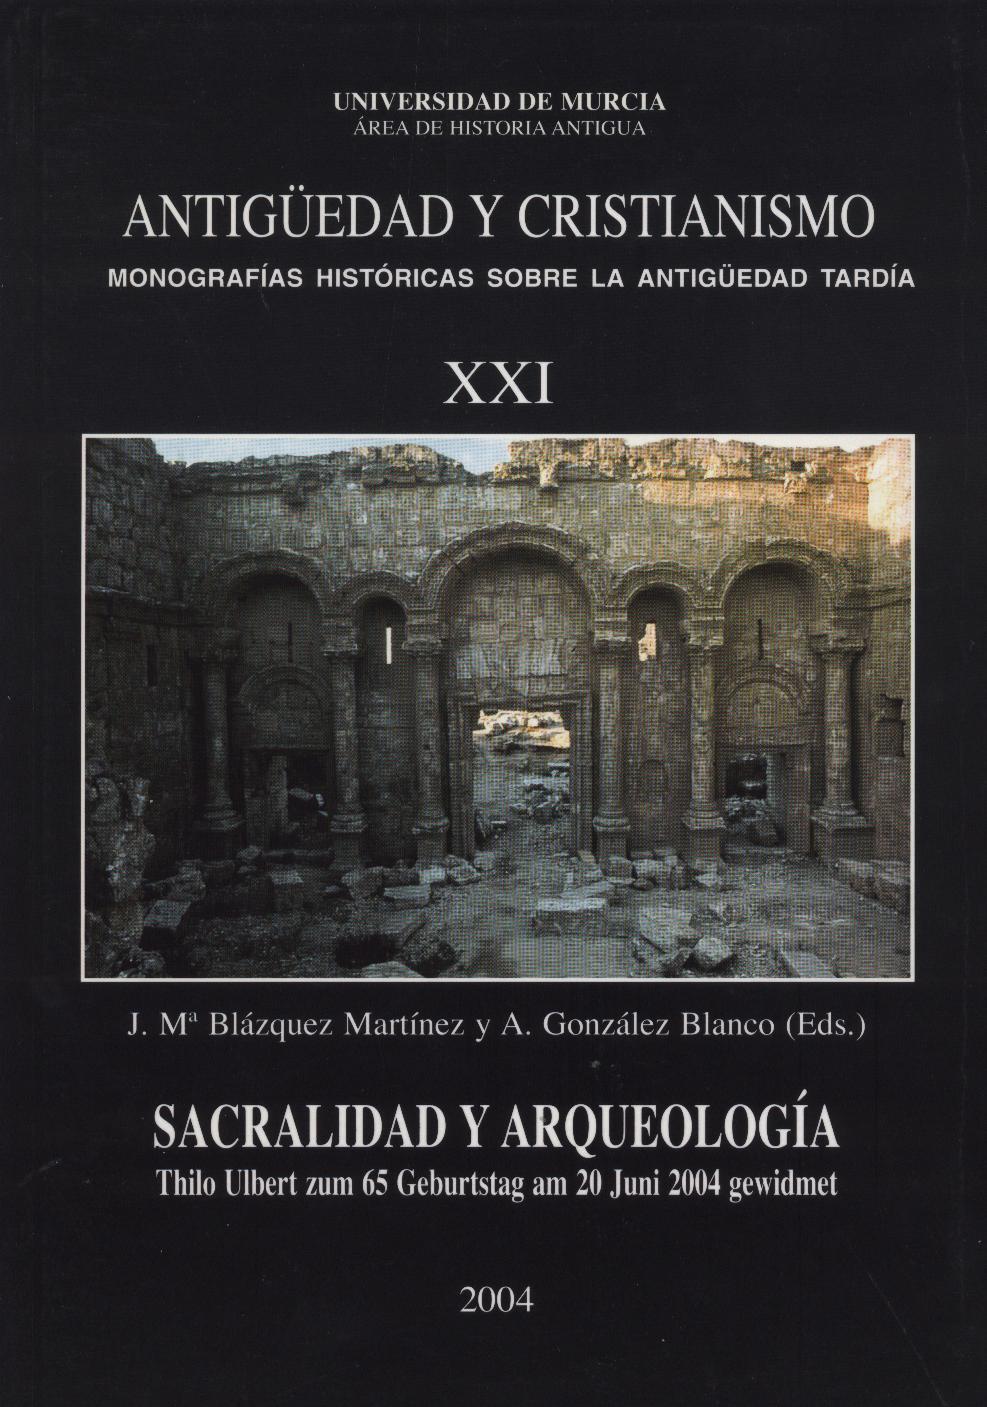 Ver Núm. 21 (2004): Sacralidad y arqueología: homenaje al profesor Thilo Ulbert